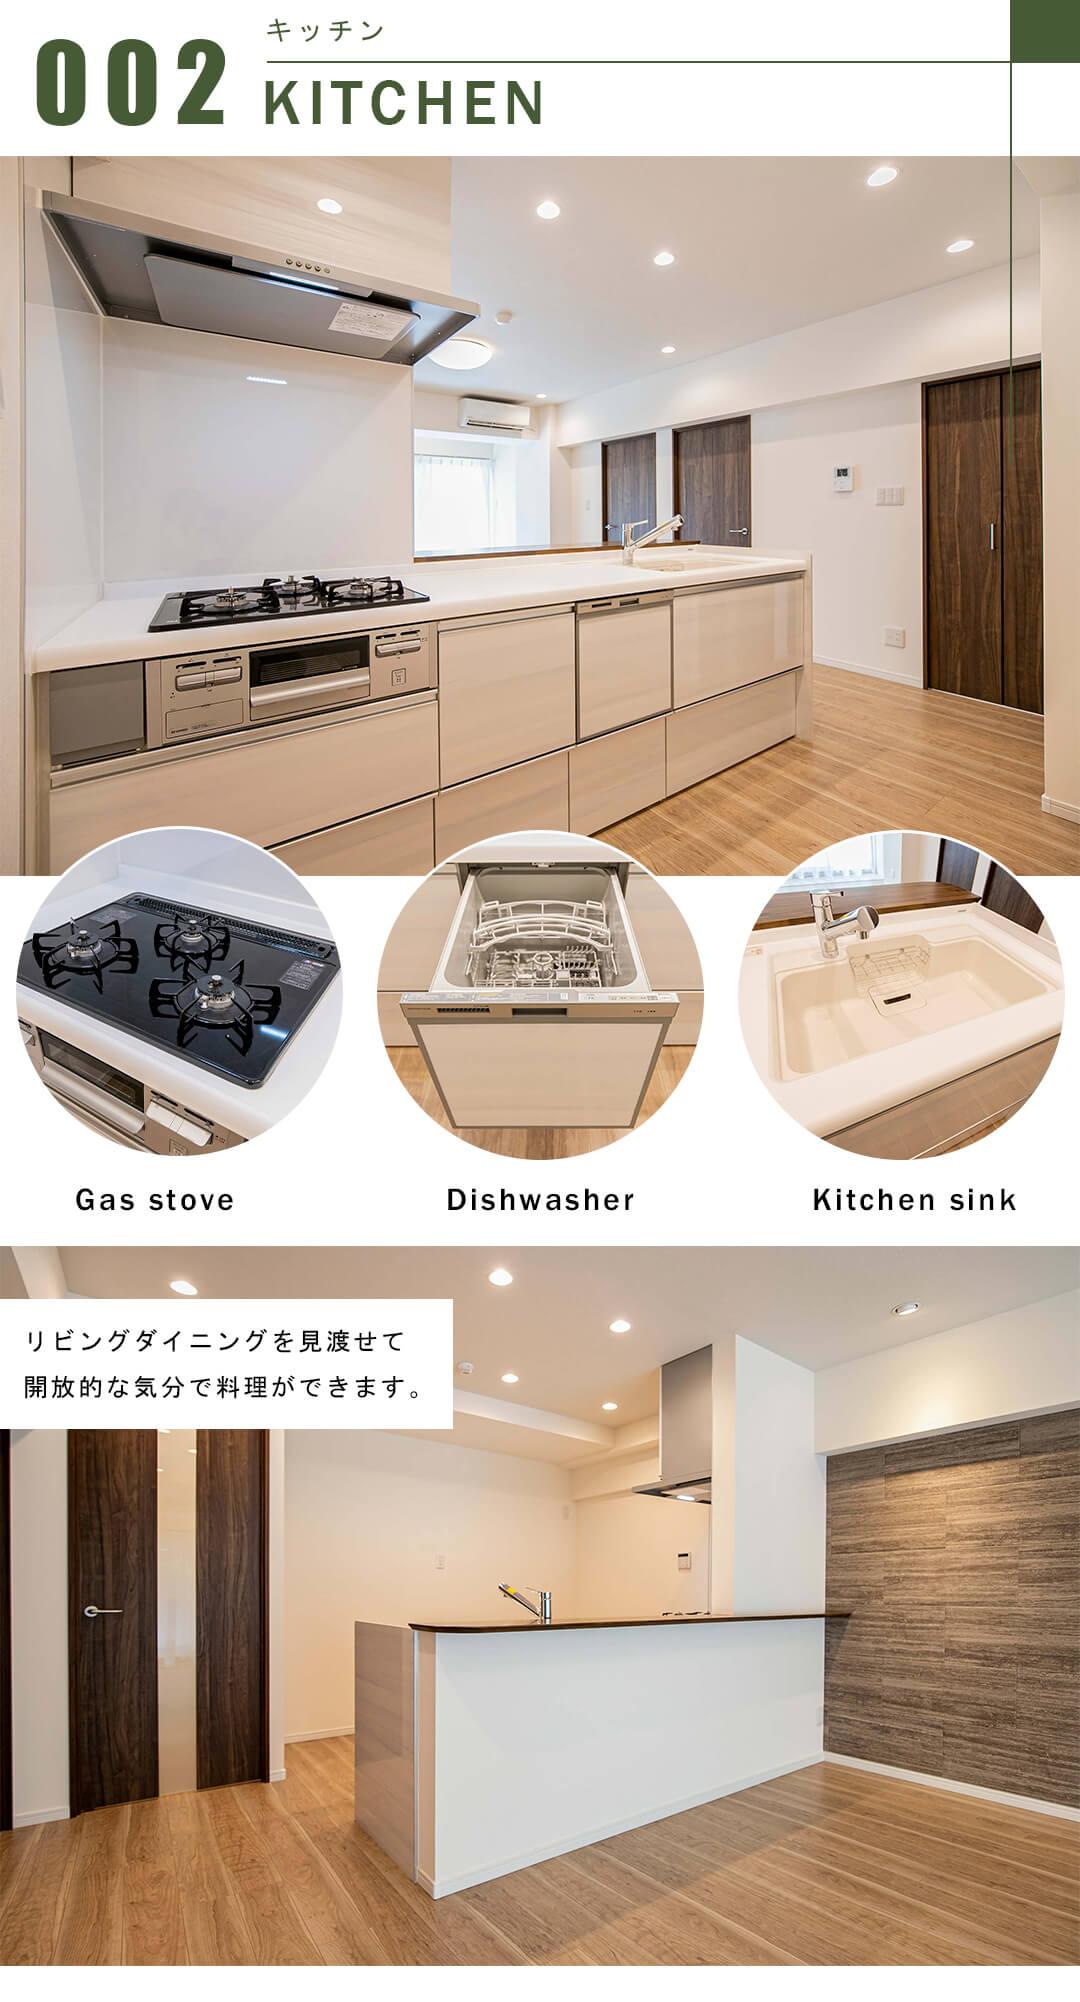 ニュー赤坂コーポラスのキッチン